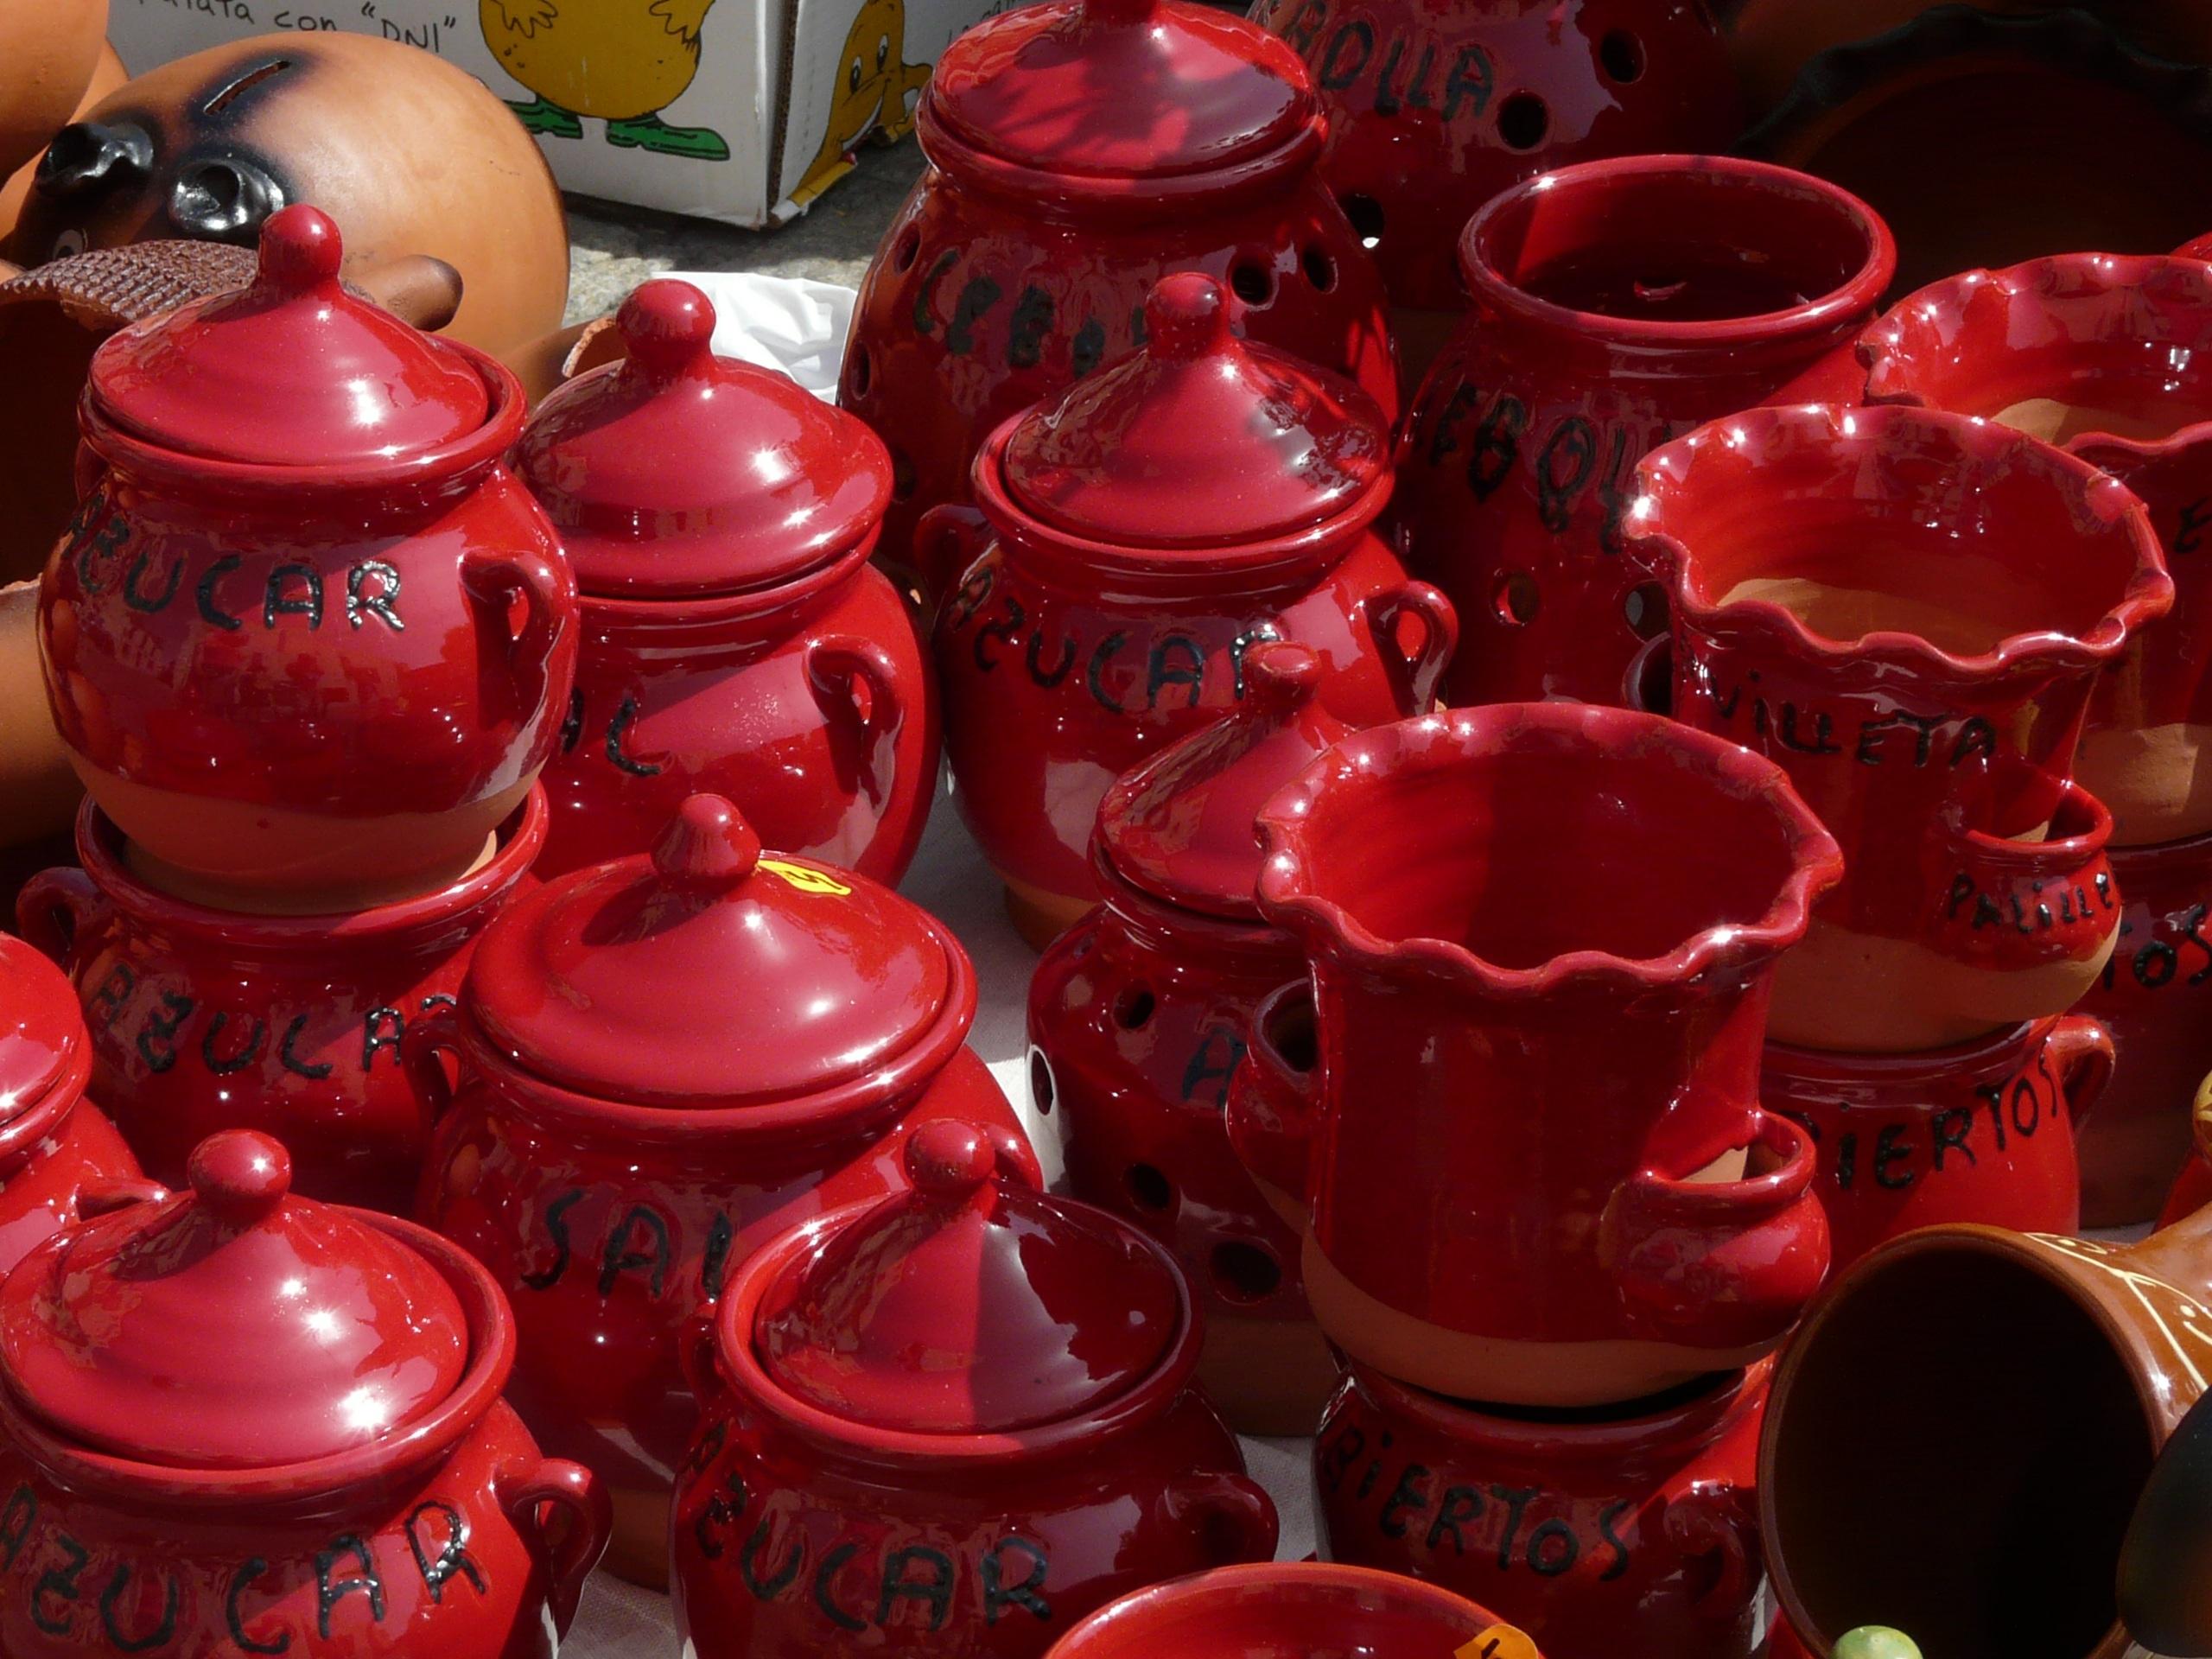 Fotos gratis : flor, pétalo, rojo, color, cerámico, cocina ...